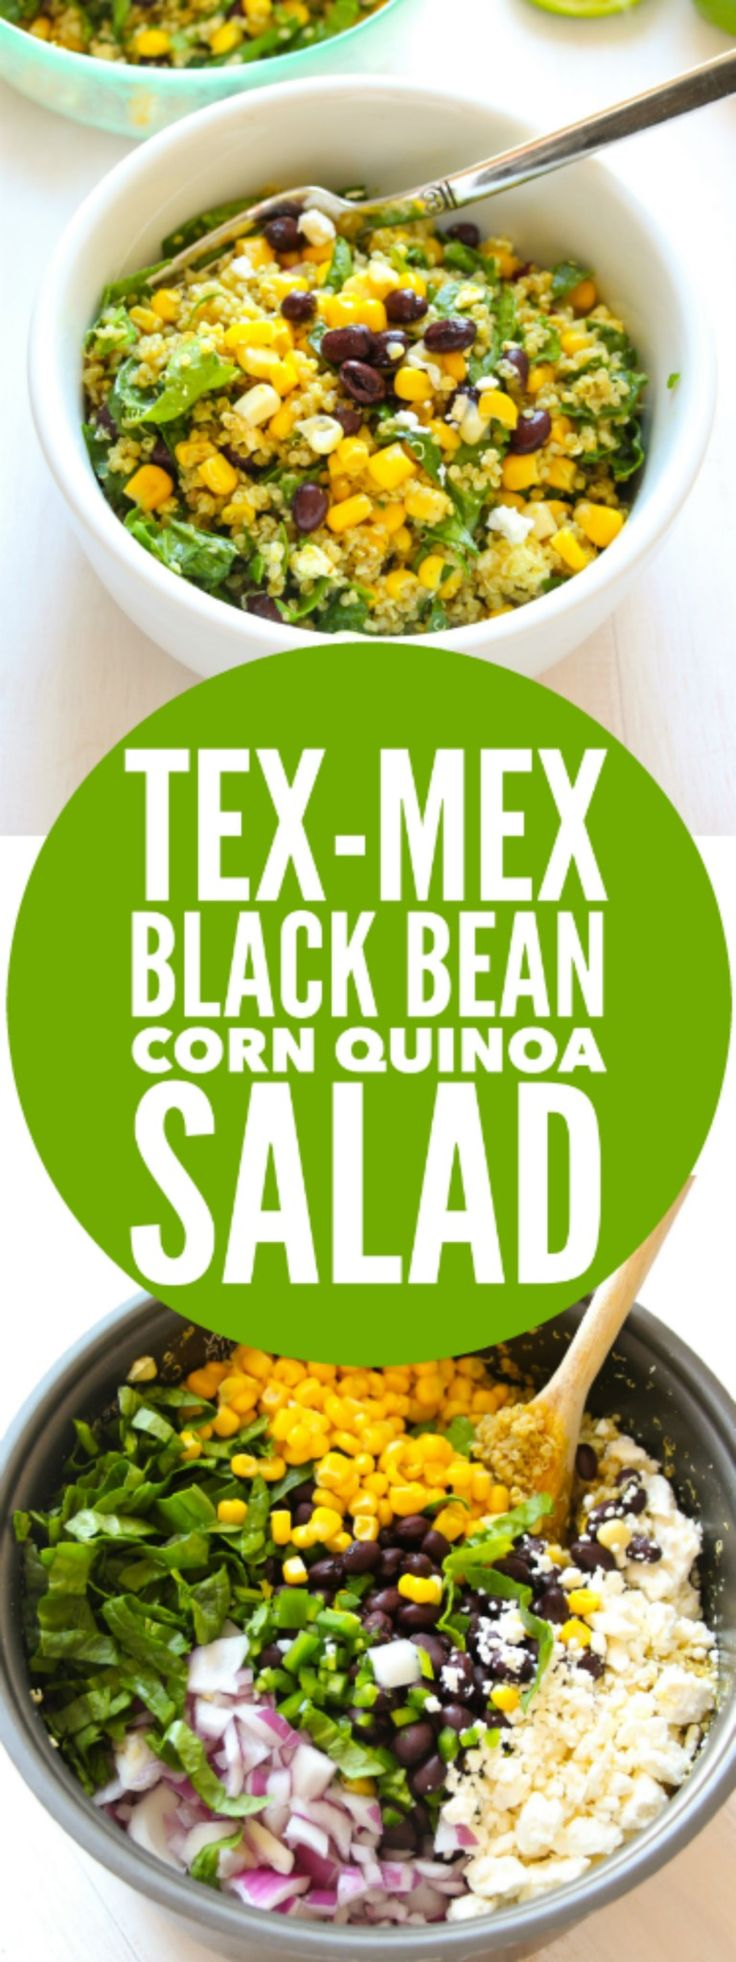 SIMPLE, EASY, QUICK quinoa salad! Tex-Mex Black Bean Corn Quinoa Salad - Layers of Happiness